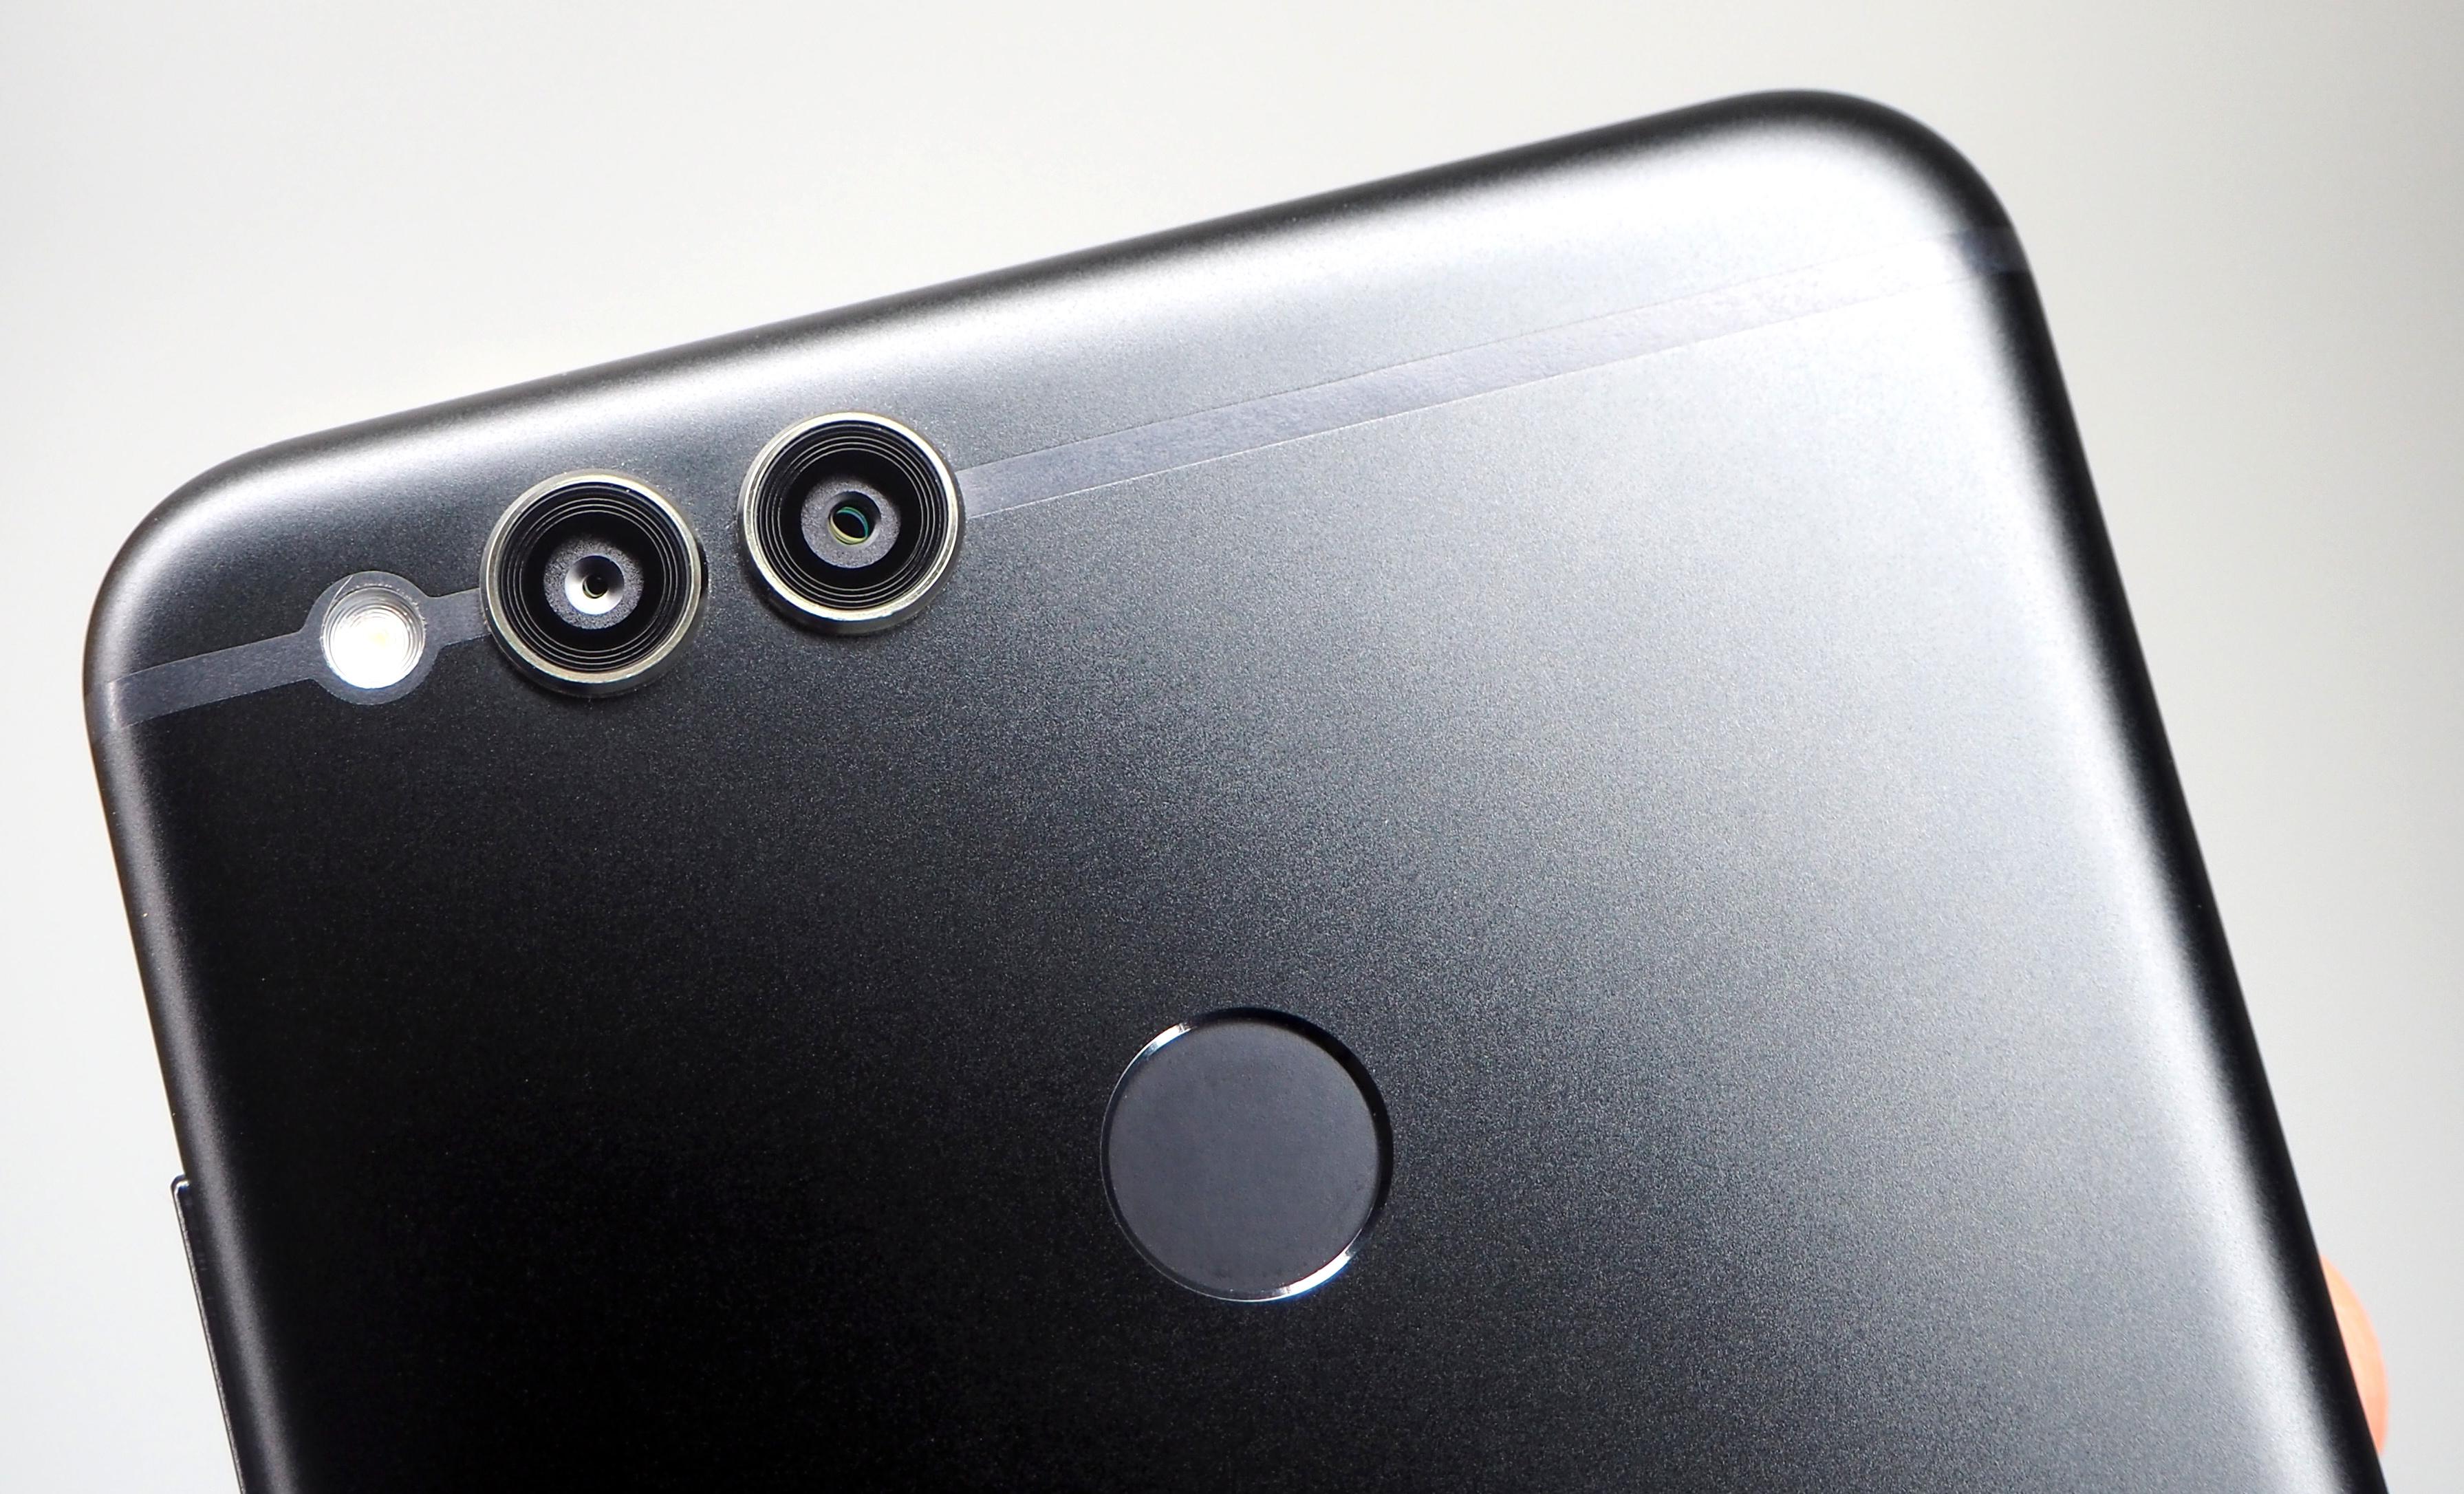 Honor 7X Smartphone Review | ePHOTOzine